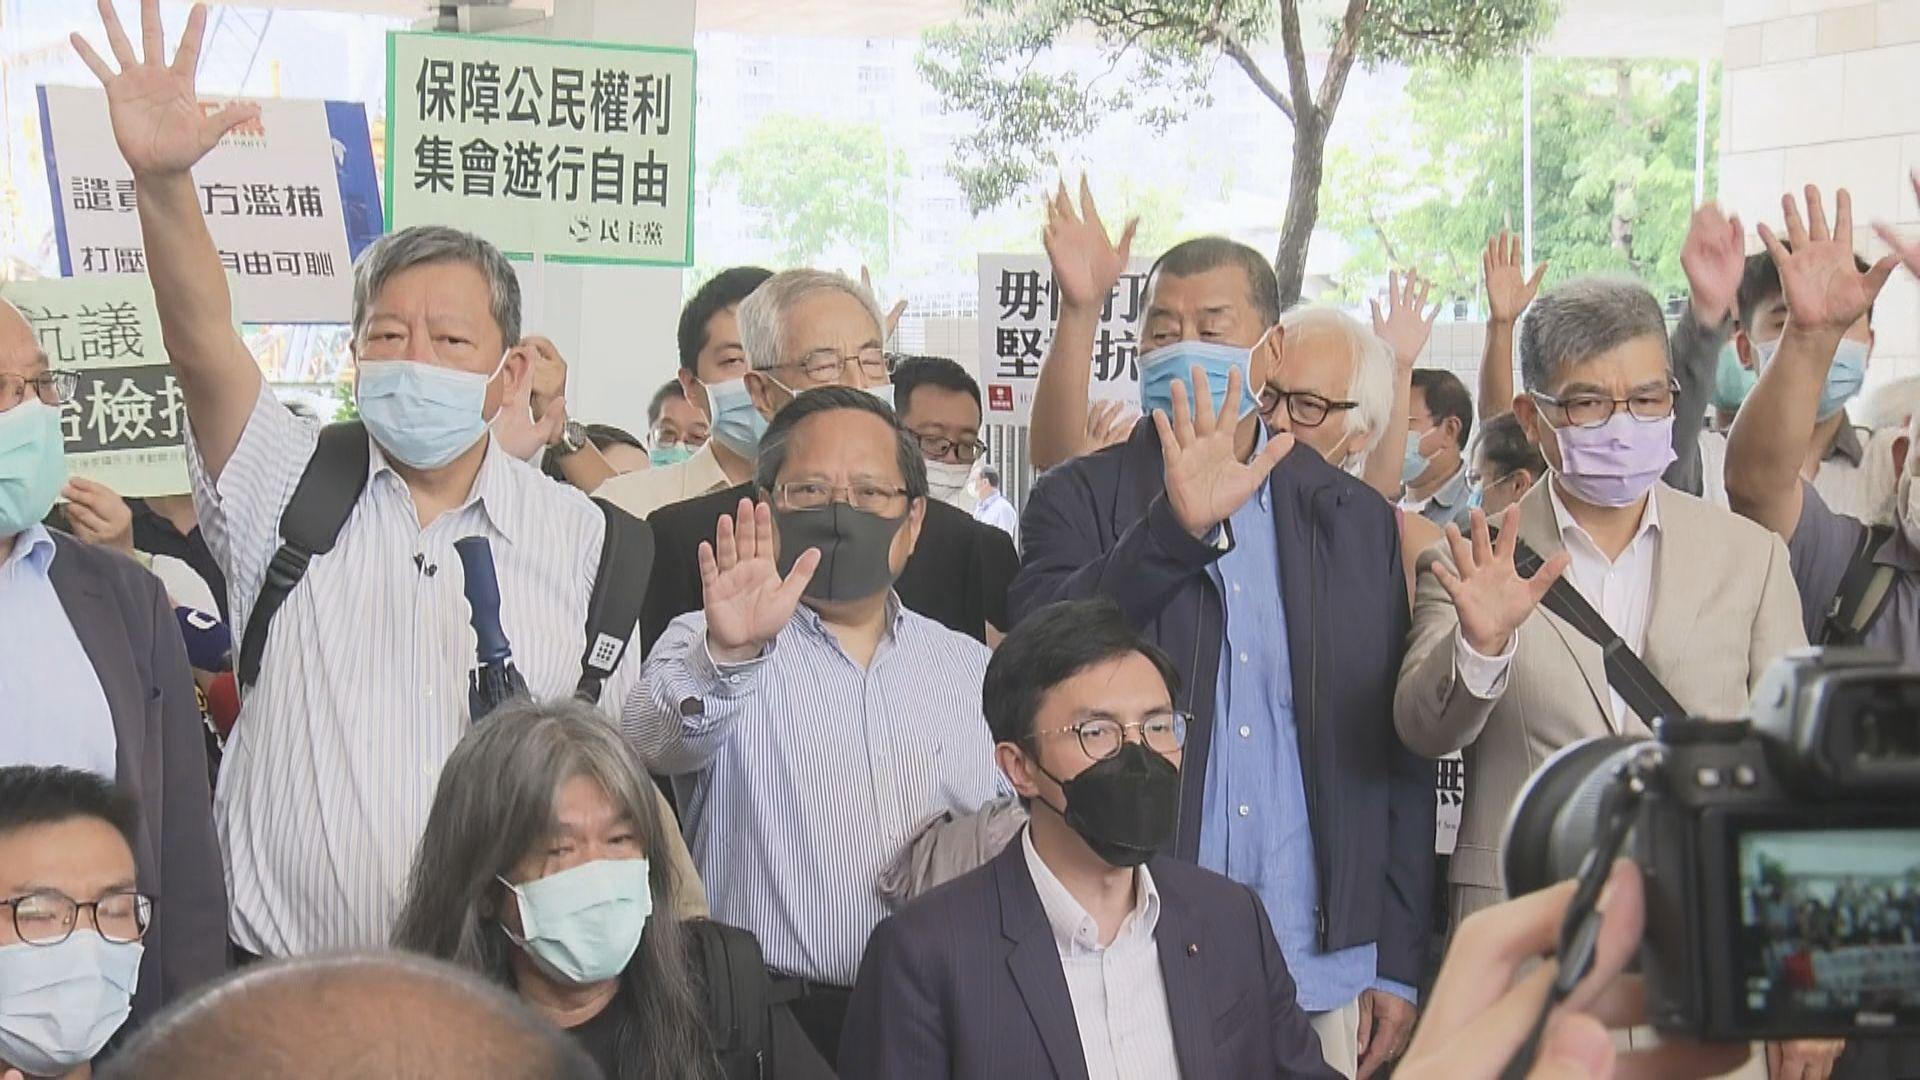 黎智英等15人涉非法集結提堂 李卓人批政治檢控